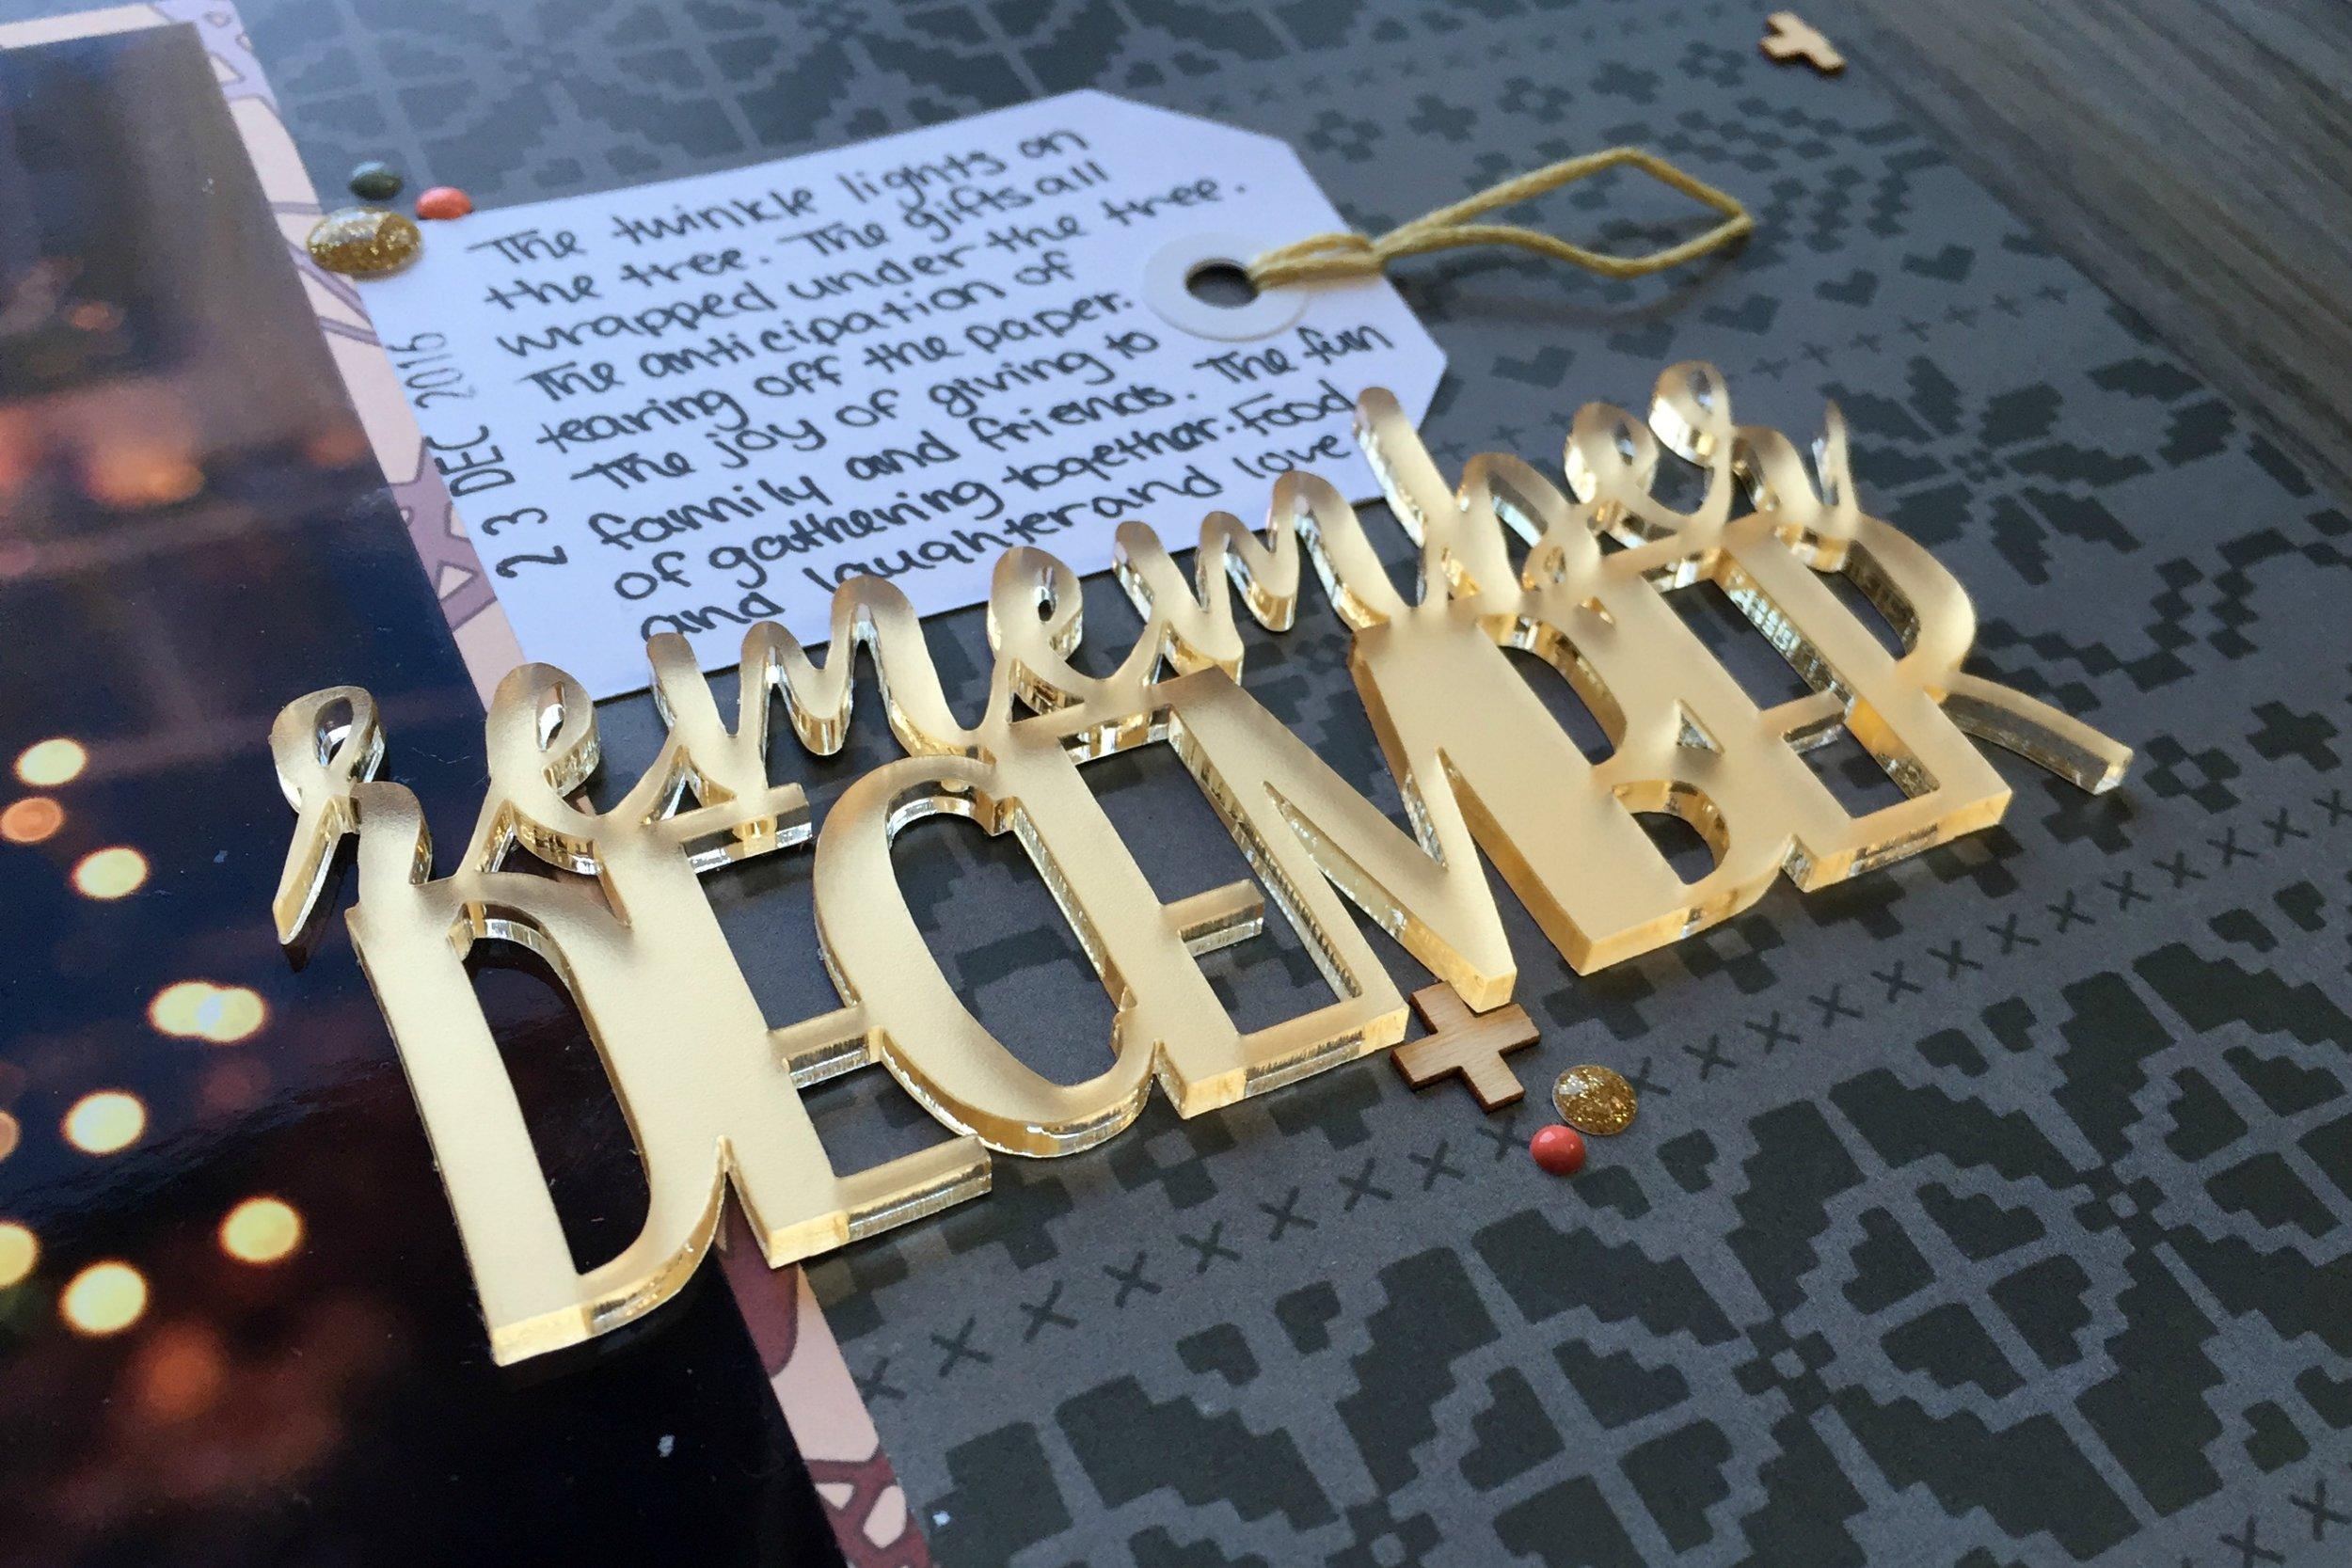 RememberDecember_4.jpg